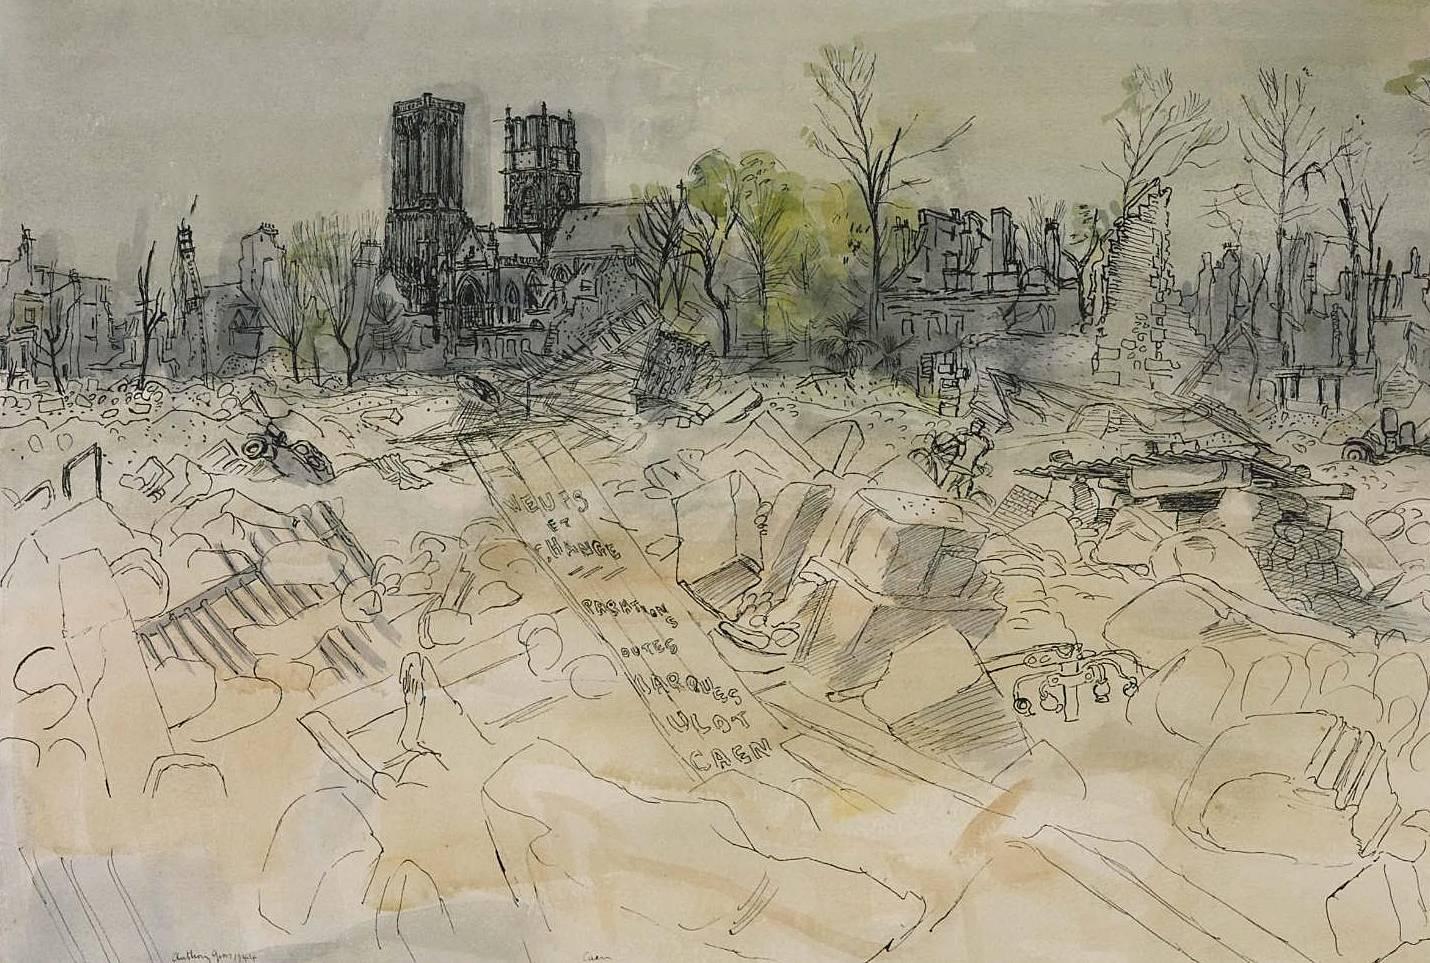 Энтони Гросс. Освобождение Франции: Церковь в развалинах Кана, Нормандия. 1944